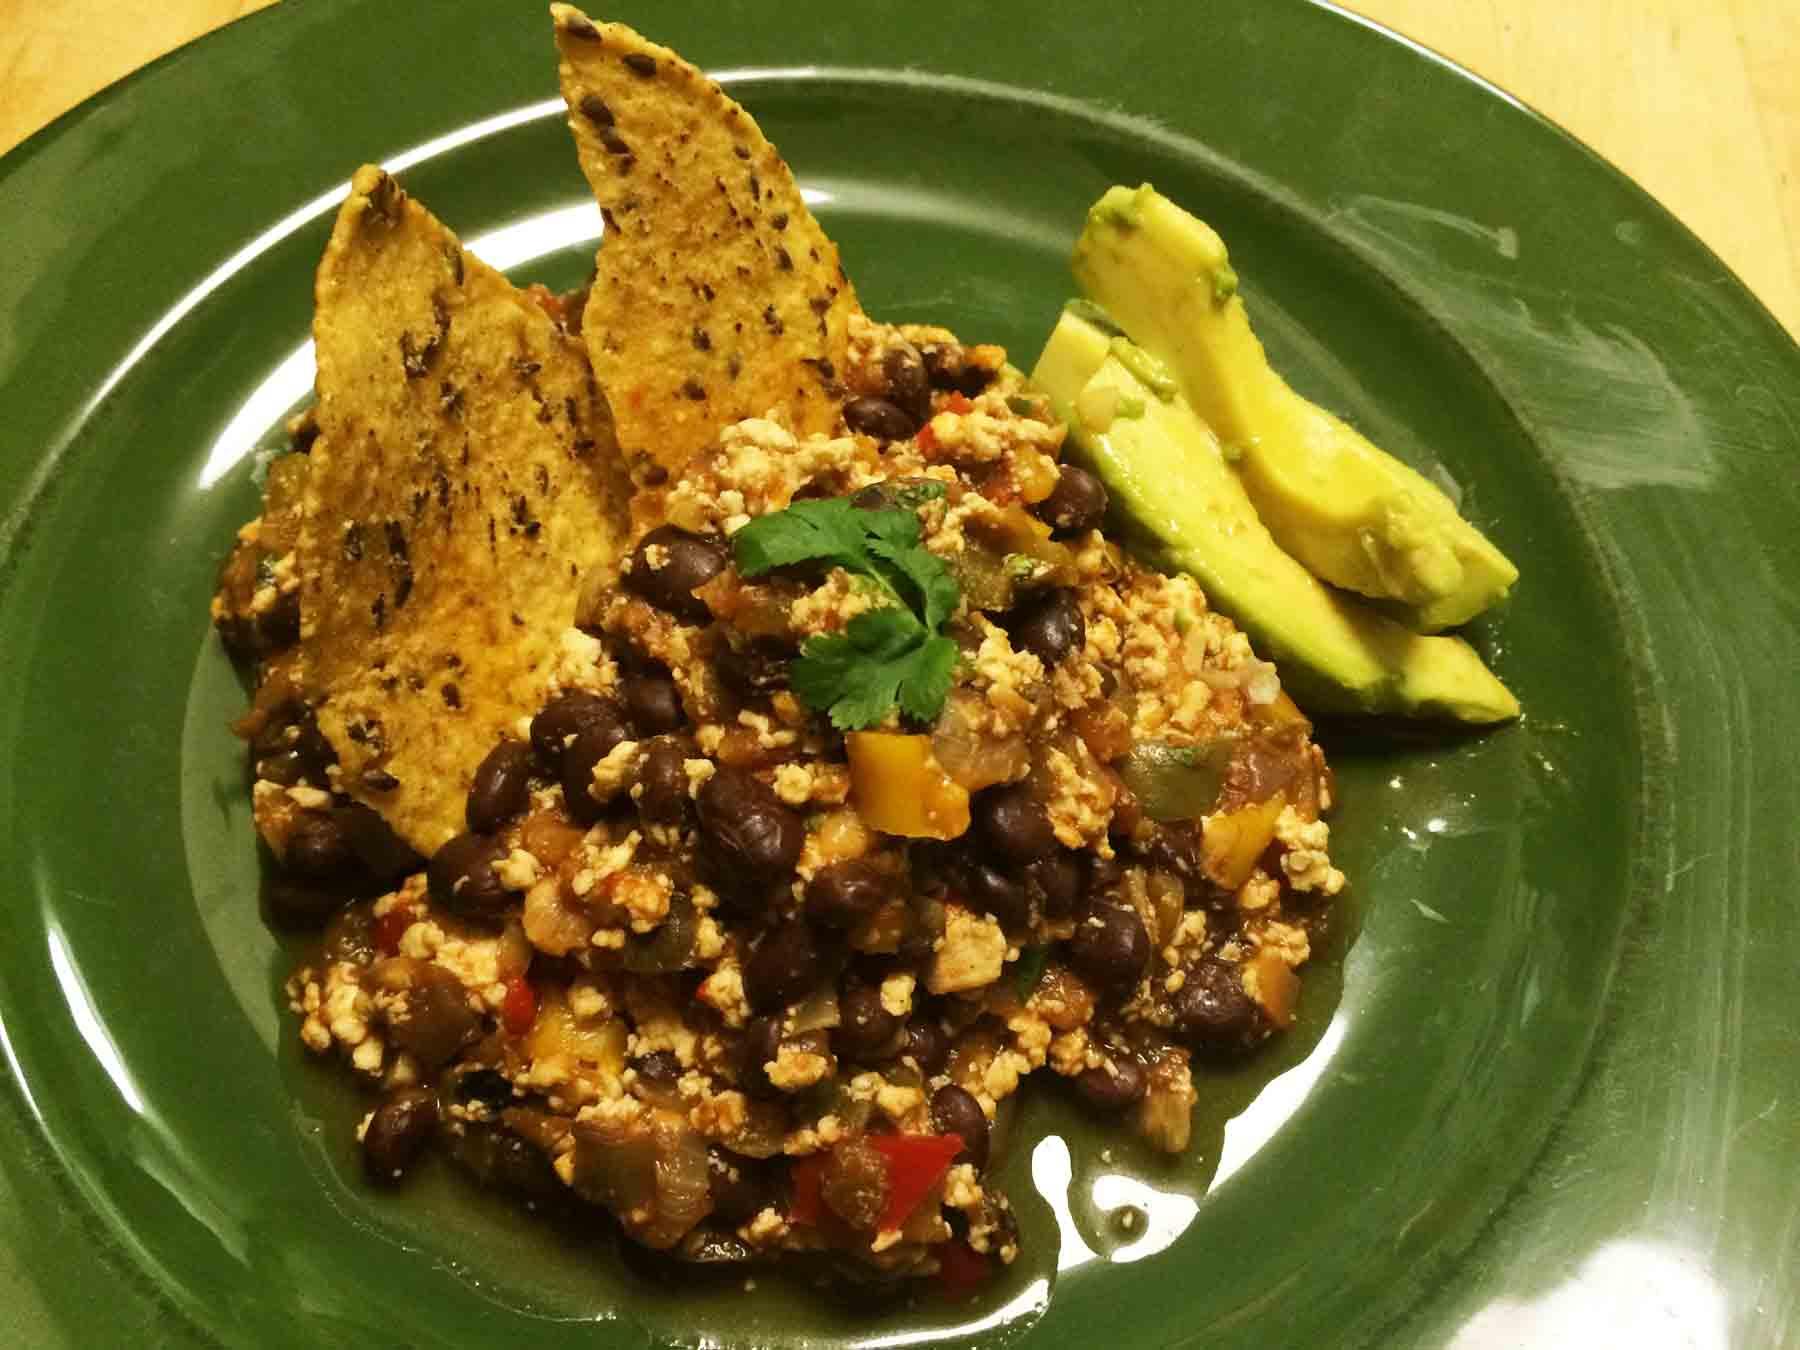 Avocado and tortilla chips make nice plate mates.